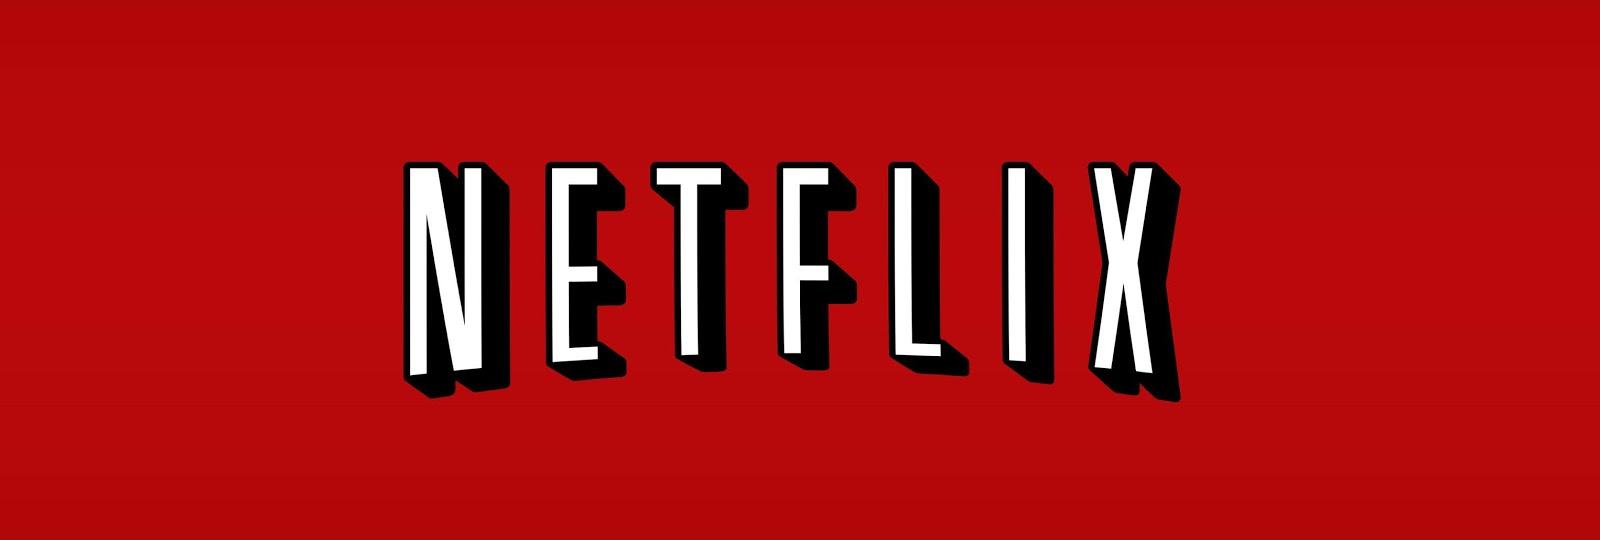 Mundo Drew: Netflix & Plex [PS4][NO PSN][4 55+][PKG][ESPAÑOL][DRIVE